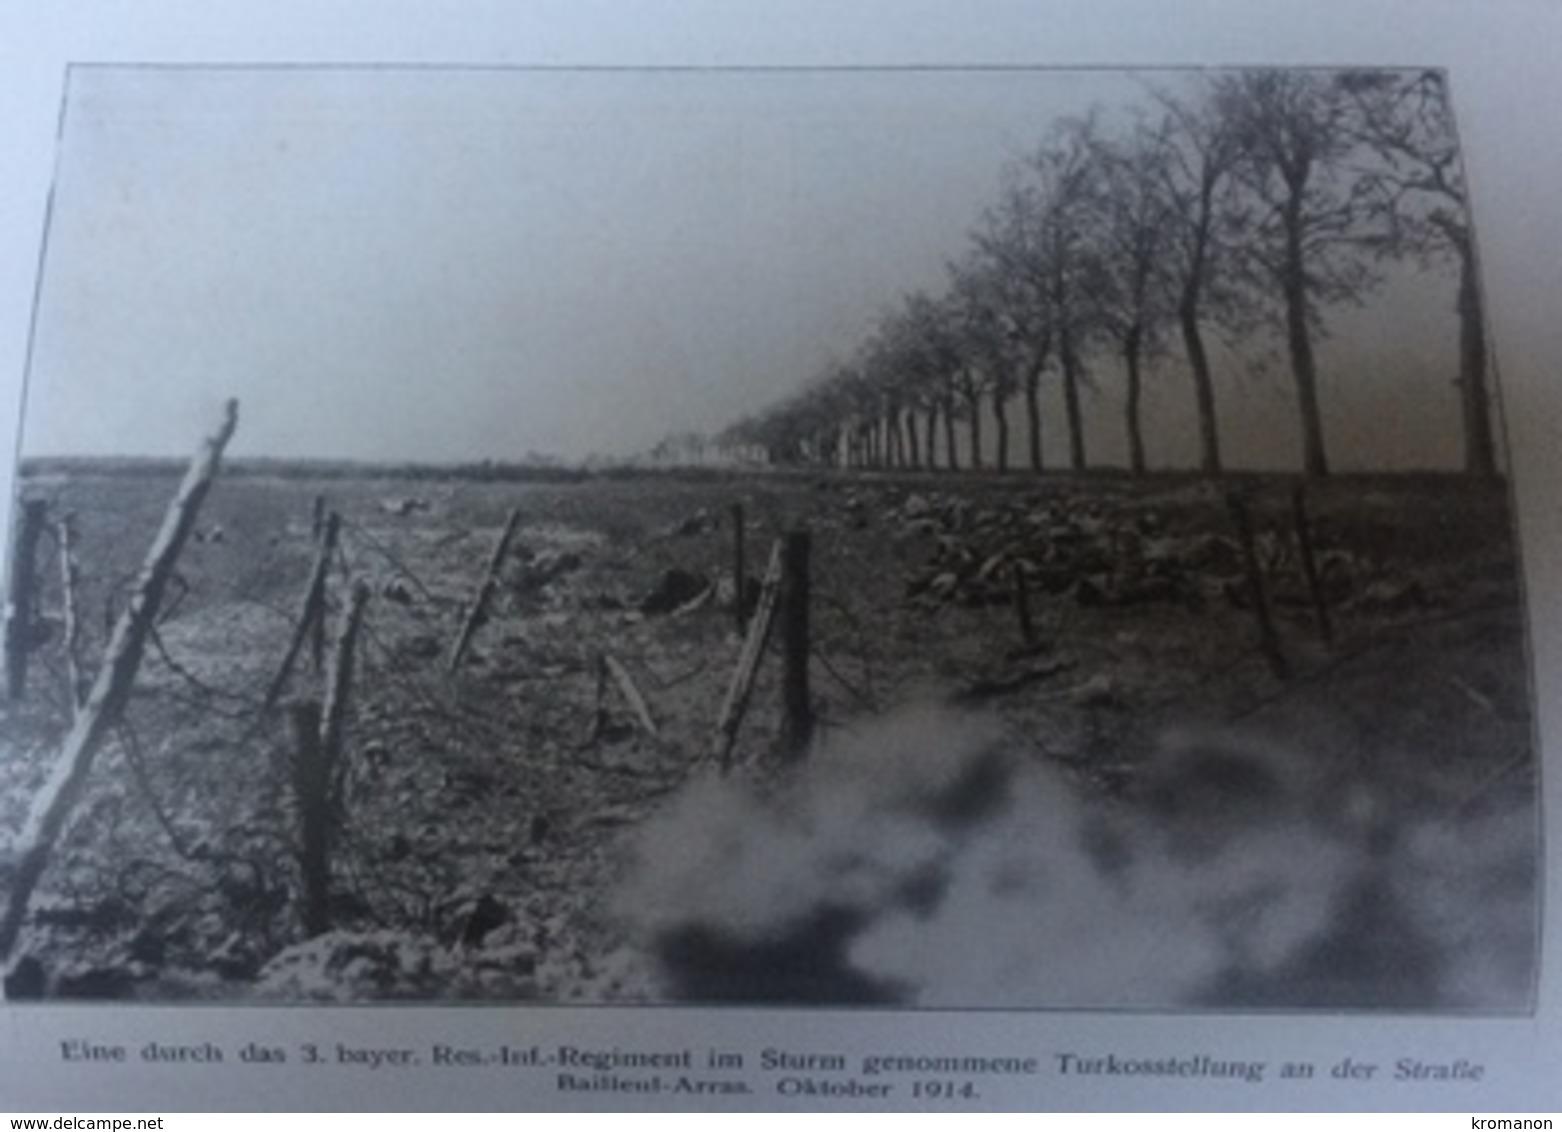 Photos Allemandes Recto Verso - 147 Vimy Arras Morts Sur Wagonsvoie étroite Oct 14 Bailleul Arras - Optique